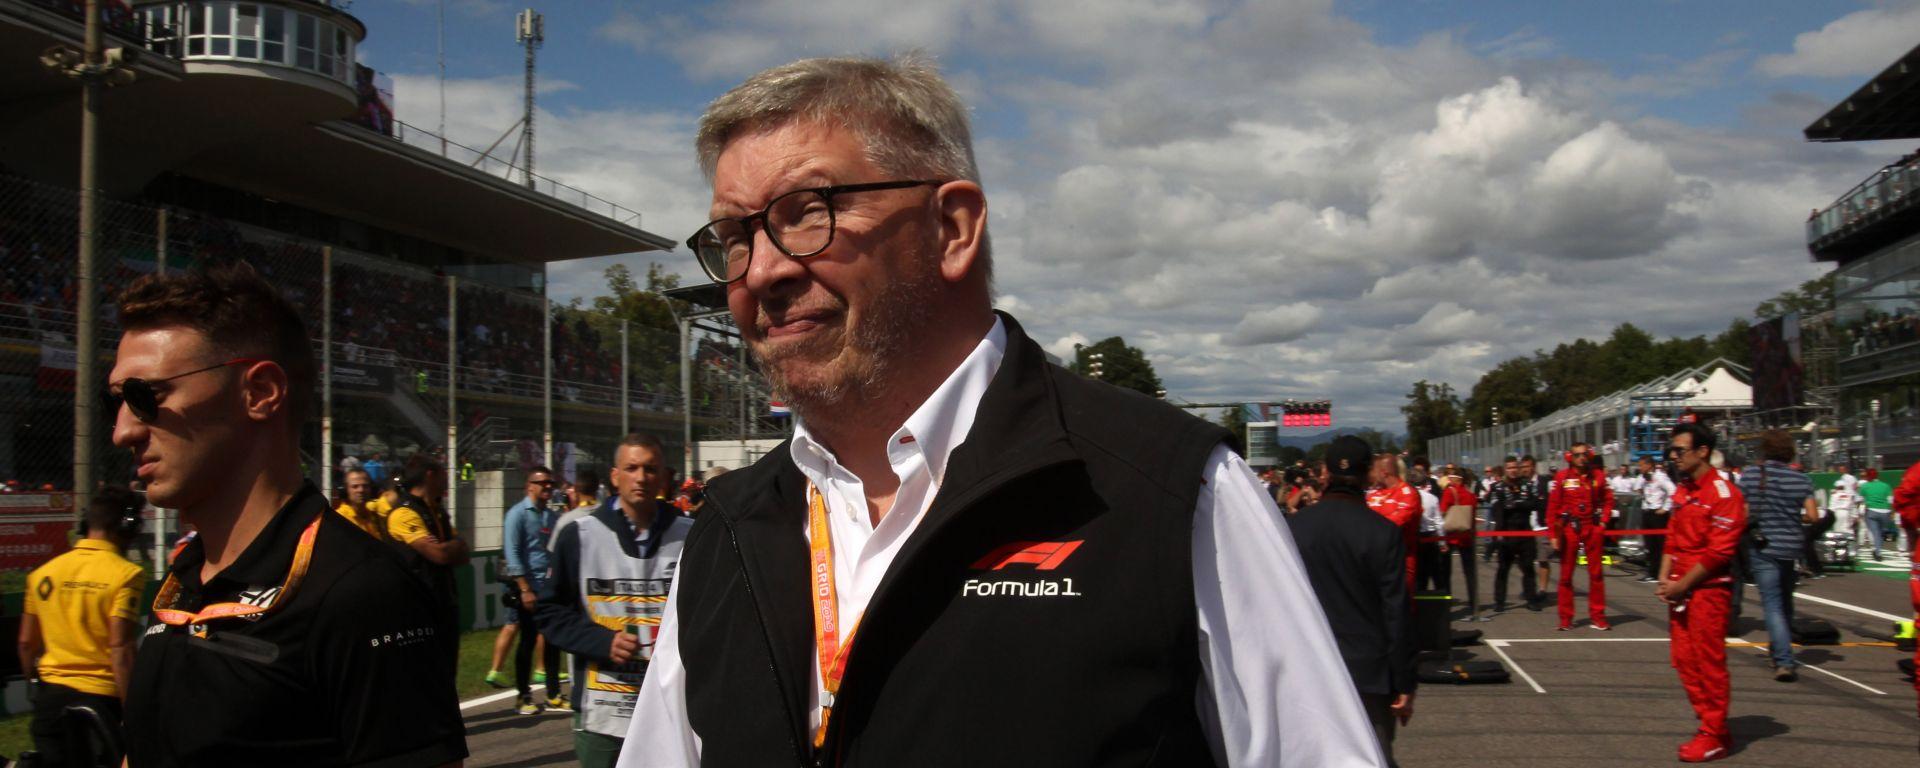 F1: il responsabile sportivo per Liberty Media, Ross Brawn